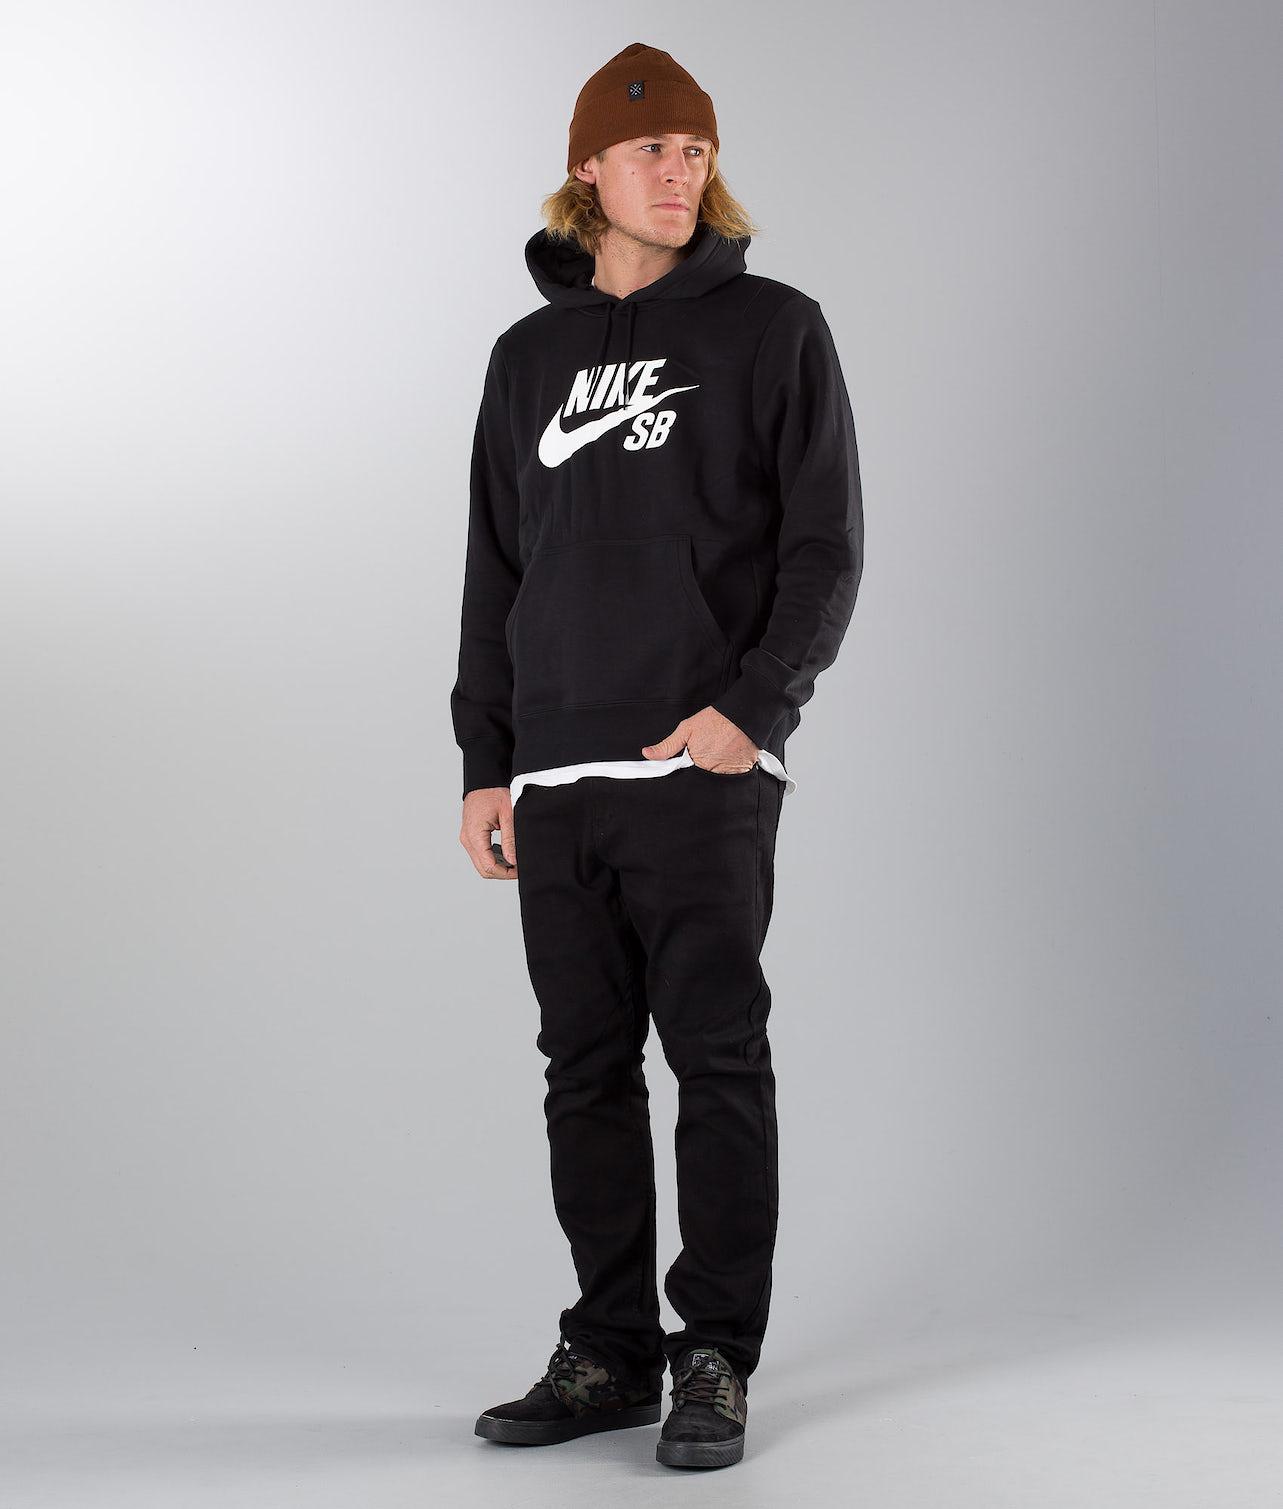 Kjøp SB Icon Hoodie Po Essnl Hood fra Nike på Ridestore.no - Hos oss har du alltid fri frakt, fri retur og 30 dagers åpent kjøp!